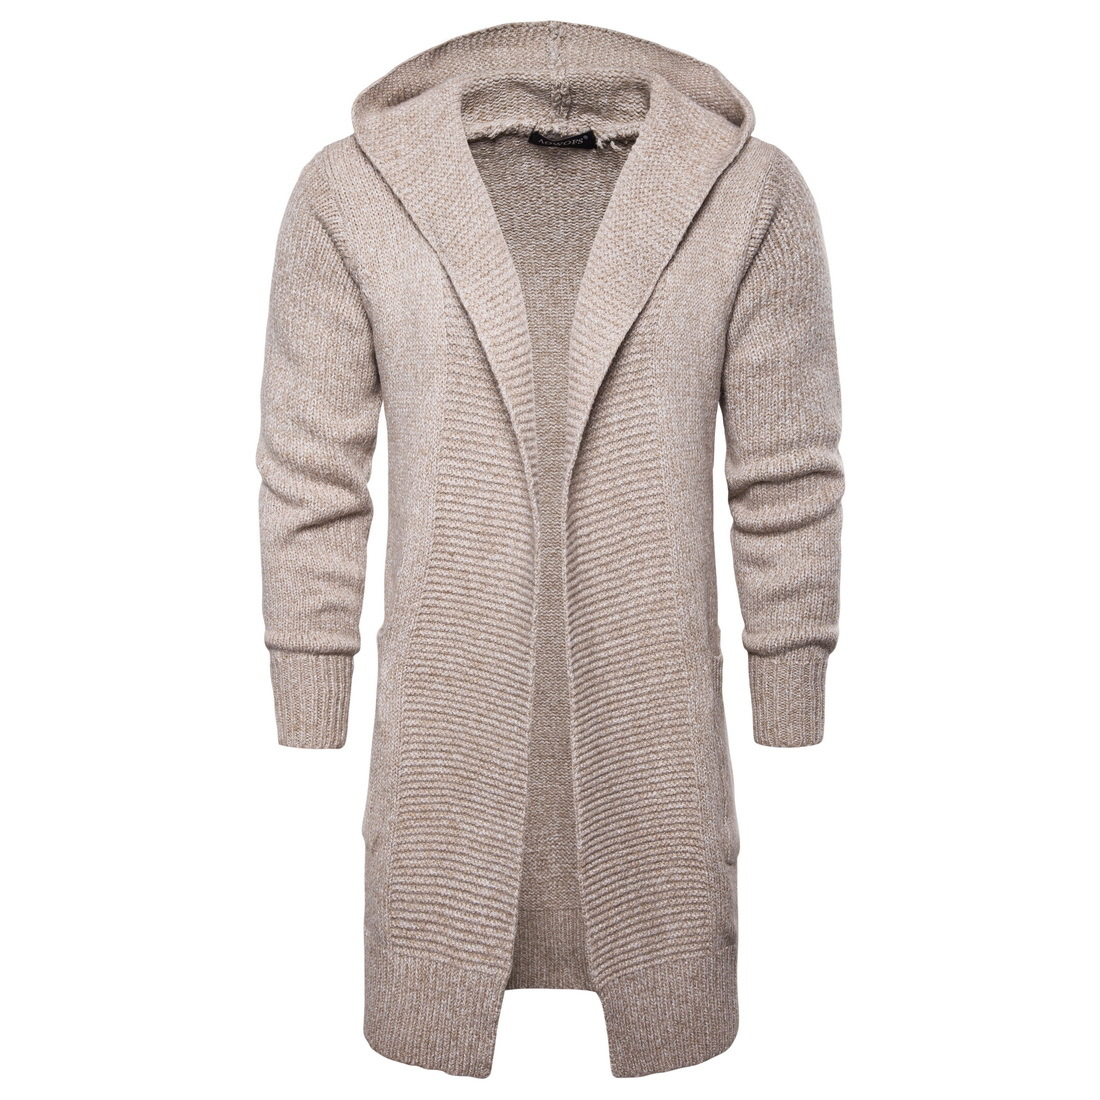 Men Autumn Hooded Sweatercoat New Fashion Men Cardigan Casual Sweaters Winter Warm Outwear Long Sweatercoats Szie 2XL